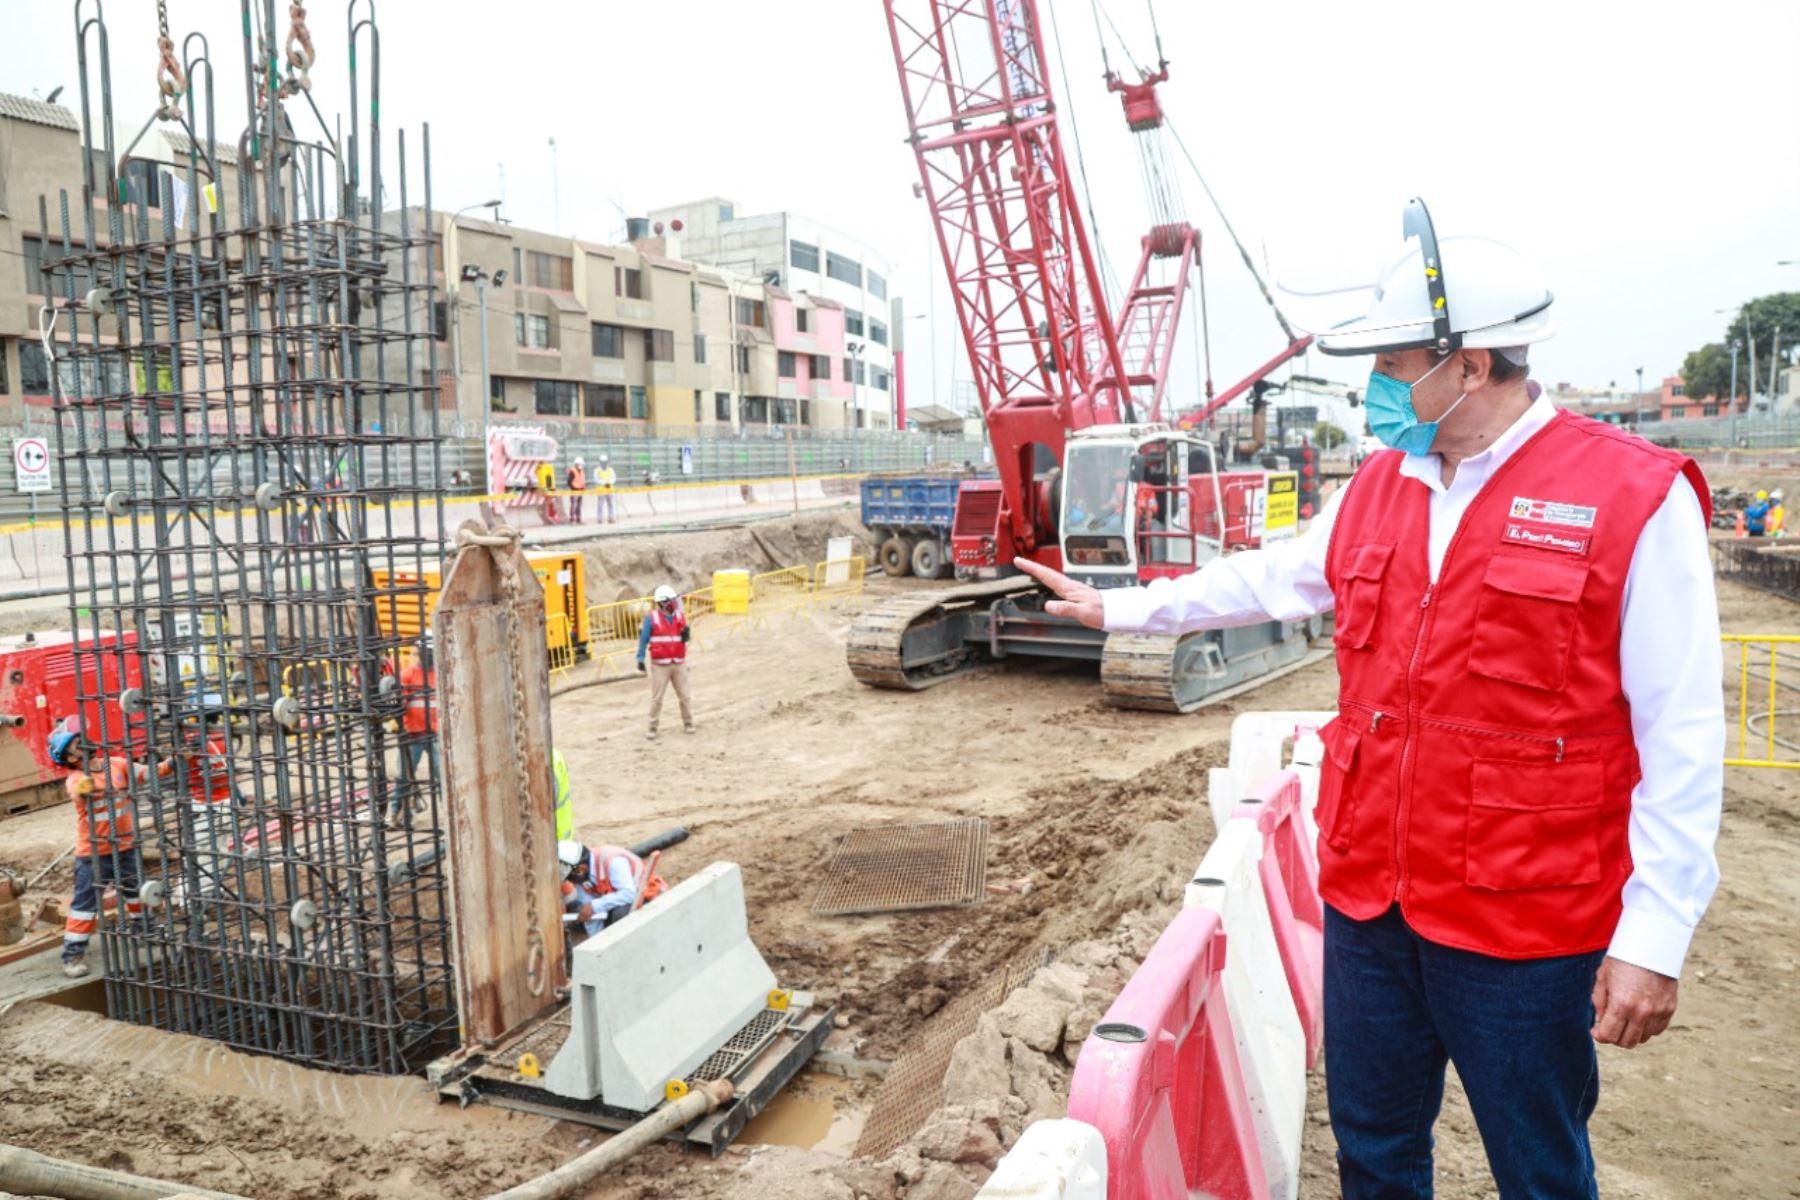 MInistro de Transportes y Comunicaciones, Carlos Estremadoyro, inspecciona obras de la Línea 2 del Metro de Lima. Foto: Cortesía.